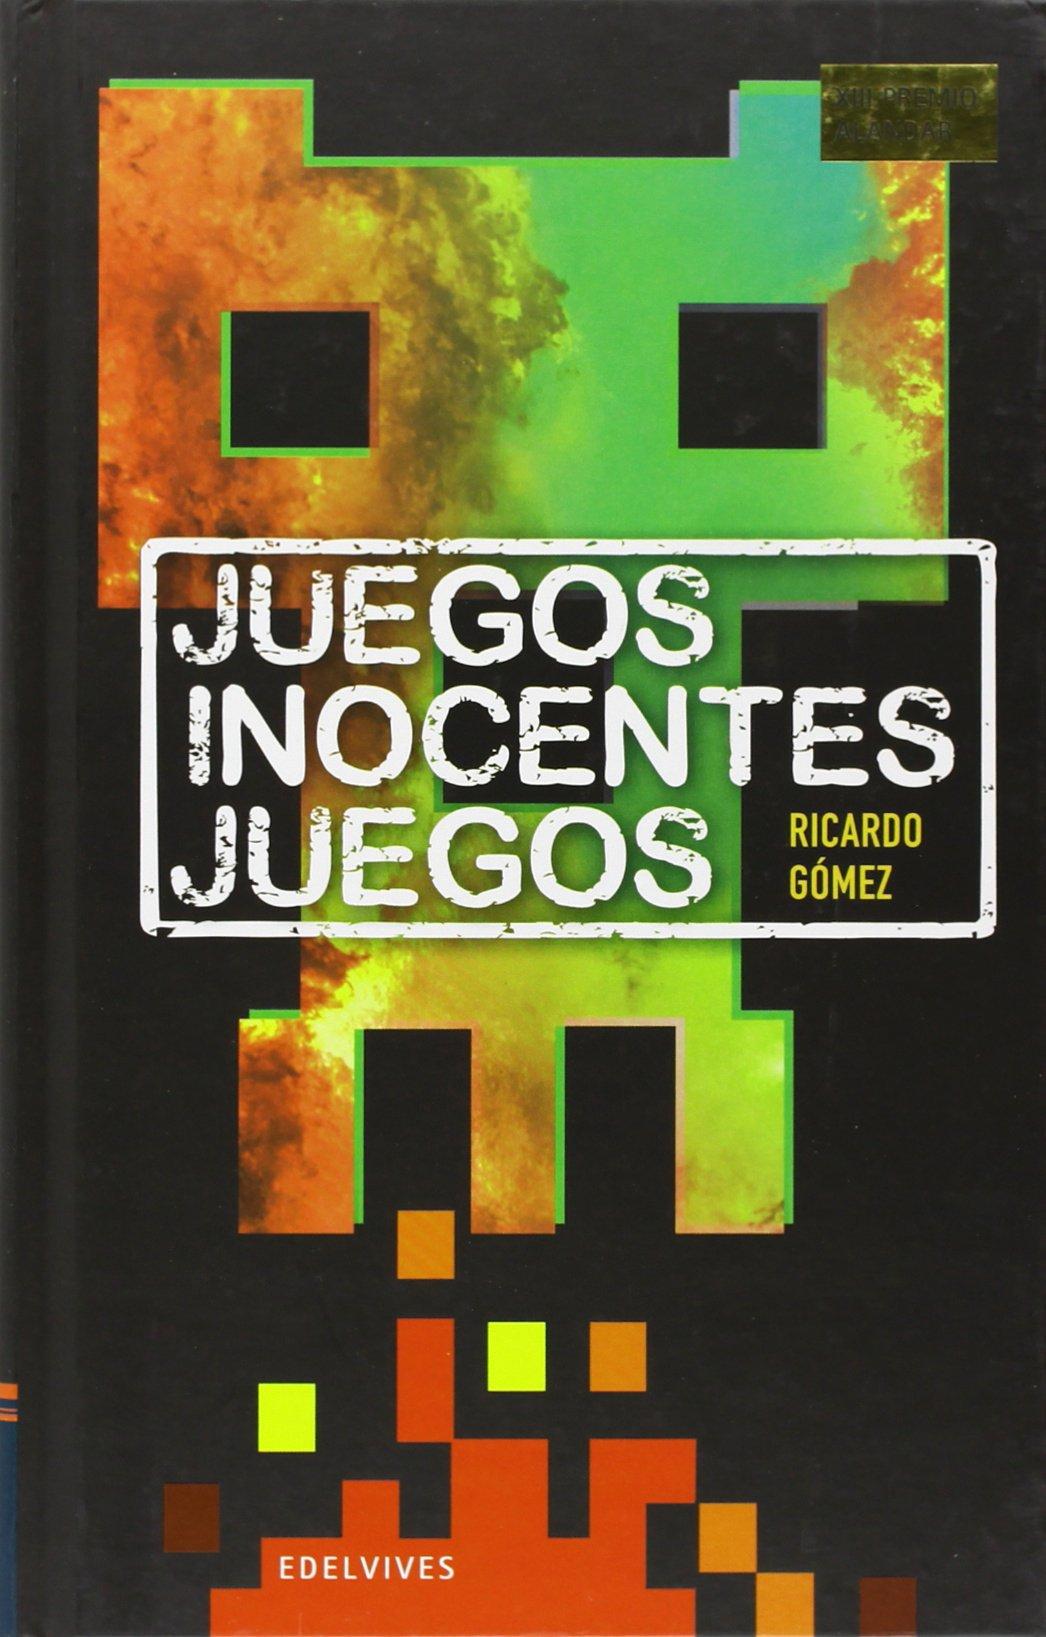 Juegos inocentes juegos (Premio Alandar 2013): Amazon.es: Ricardo ...